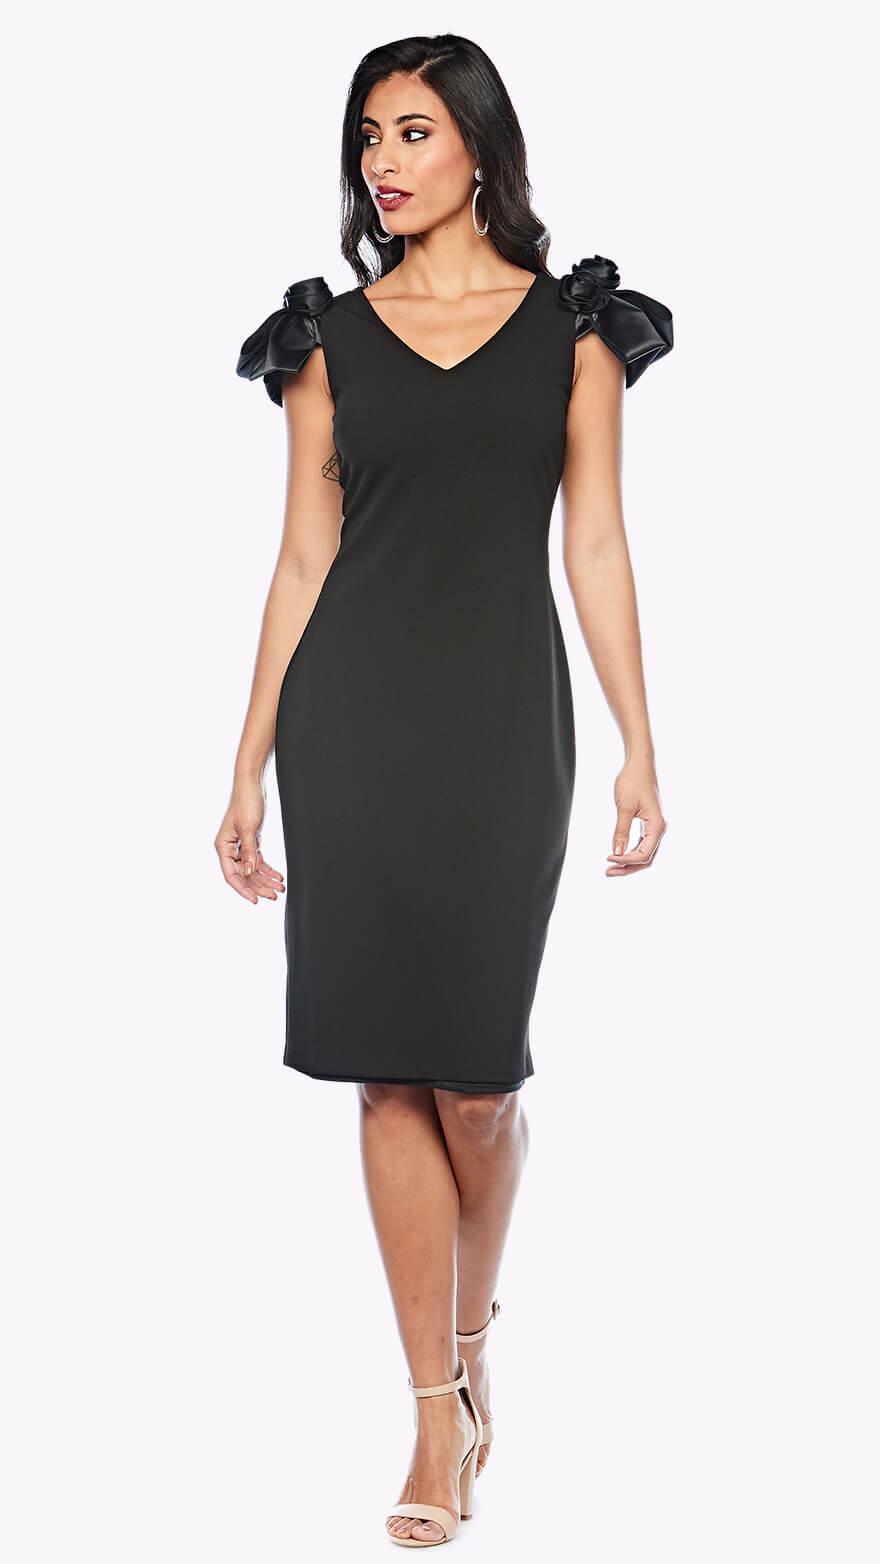 Z0205 V neck cocktail length dress with contrasting satin rose detail on shoulders